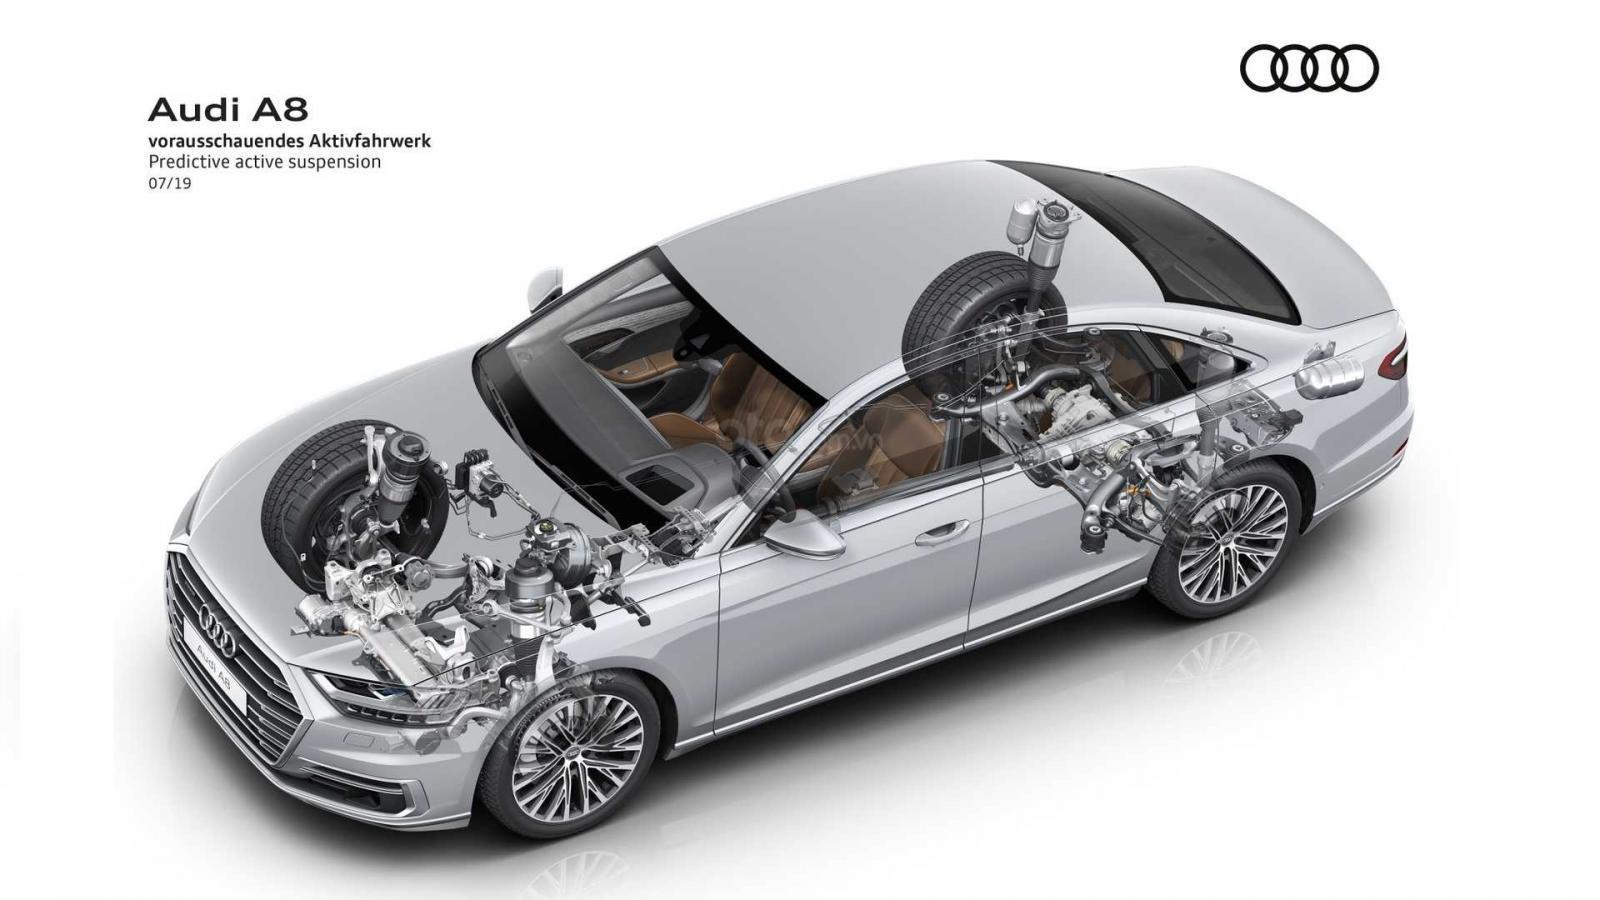 Audi A8 trở nên hấp dẫn hơn với tùy chọn công nghệ mới